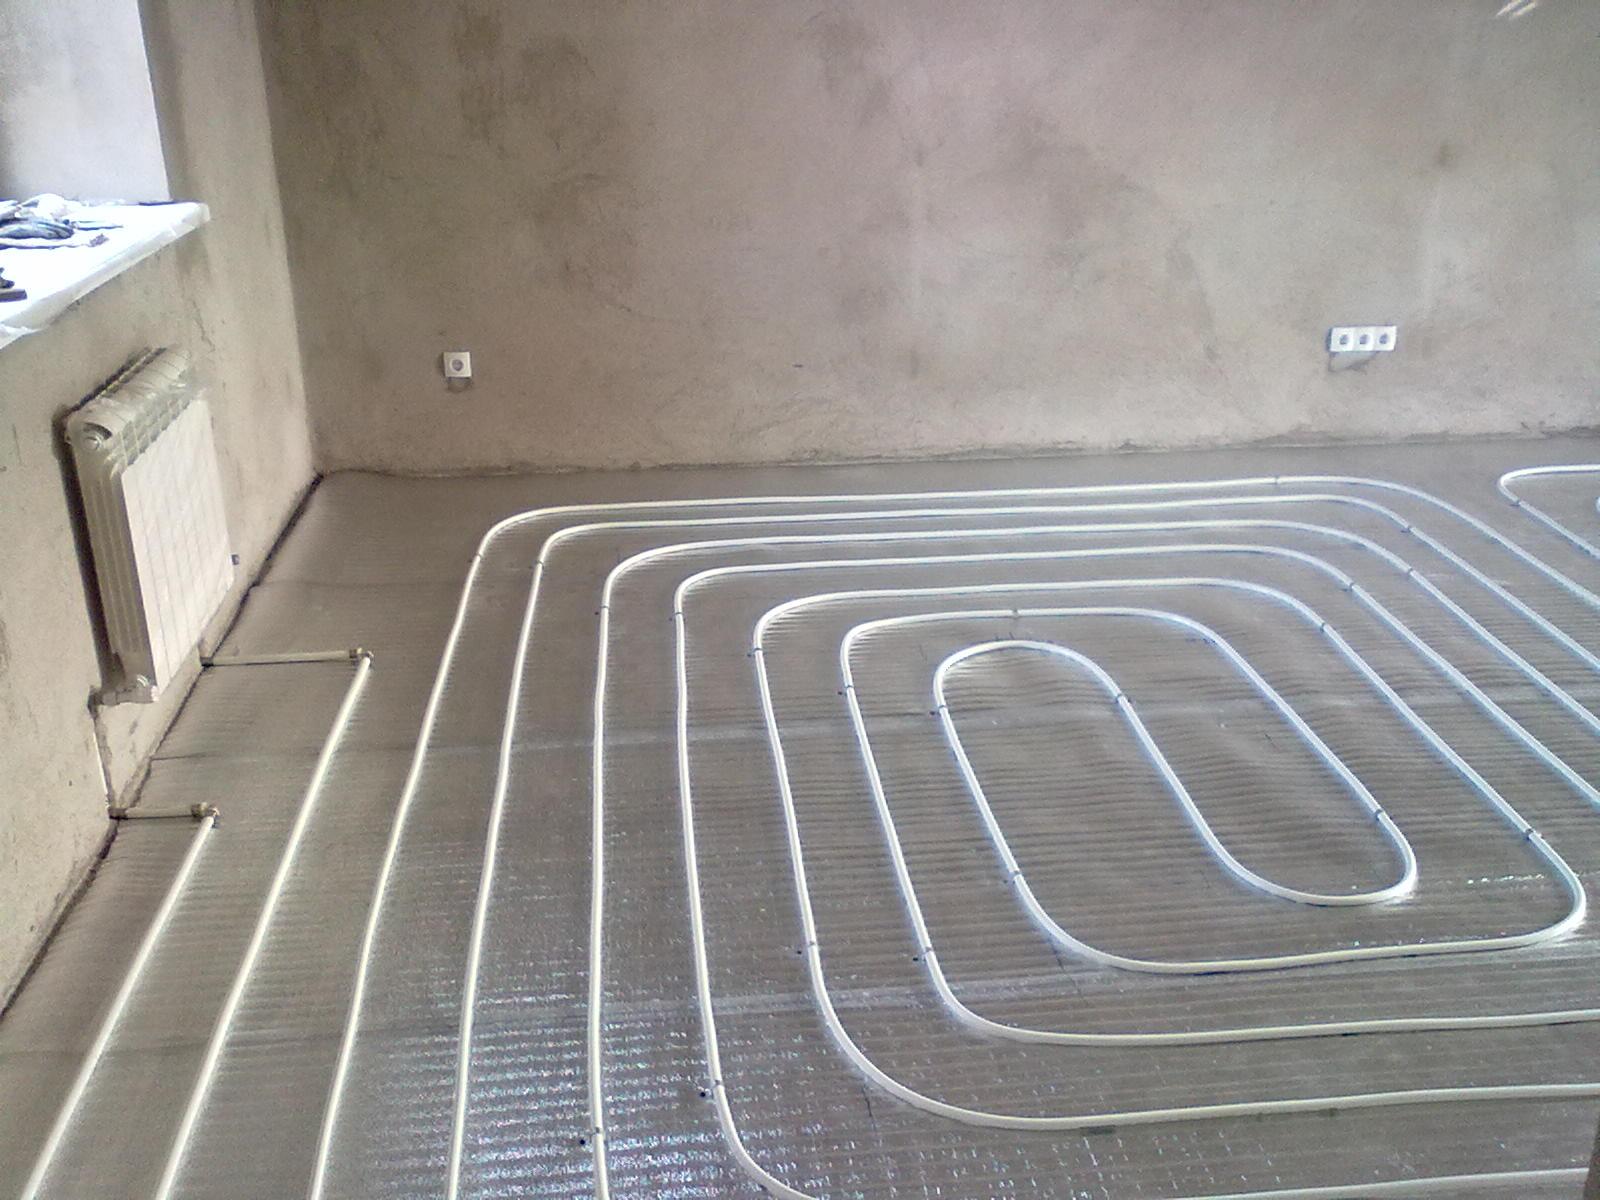 Монтажные схемы водяных теплых полов в квартире – варианты обустройства системы